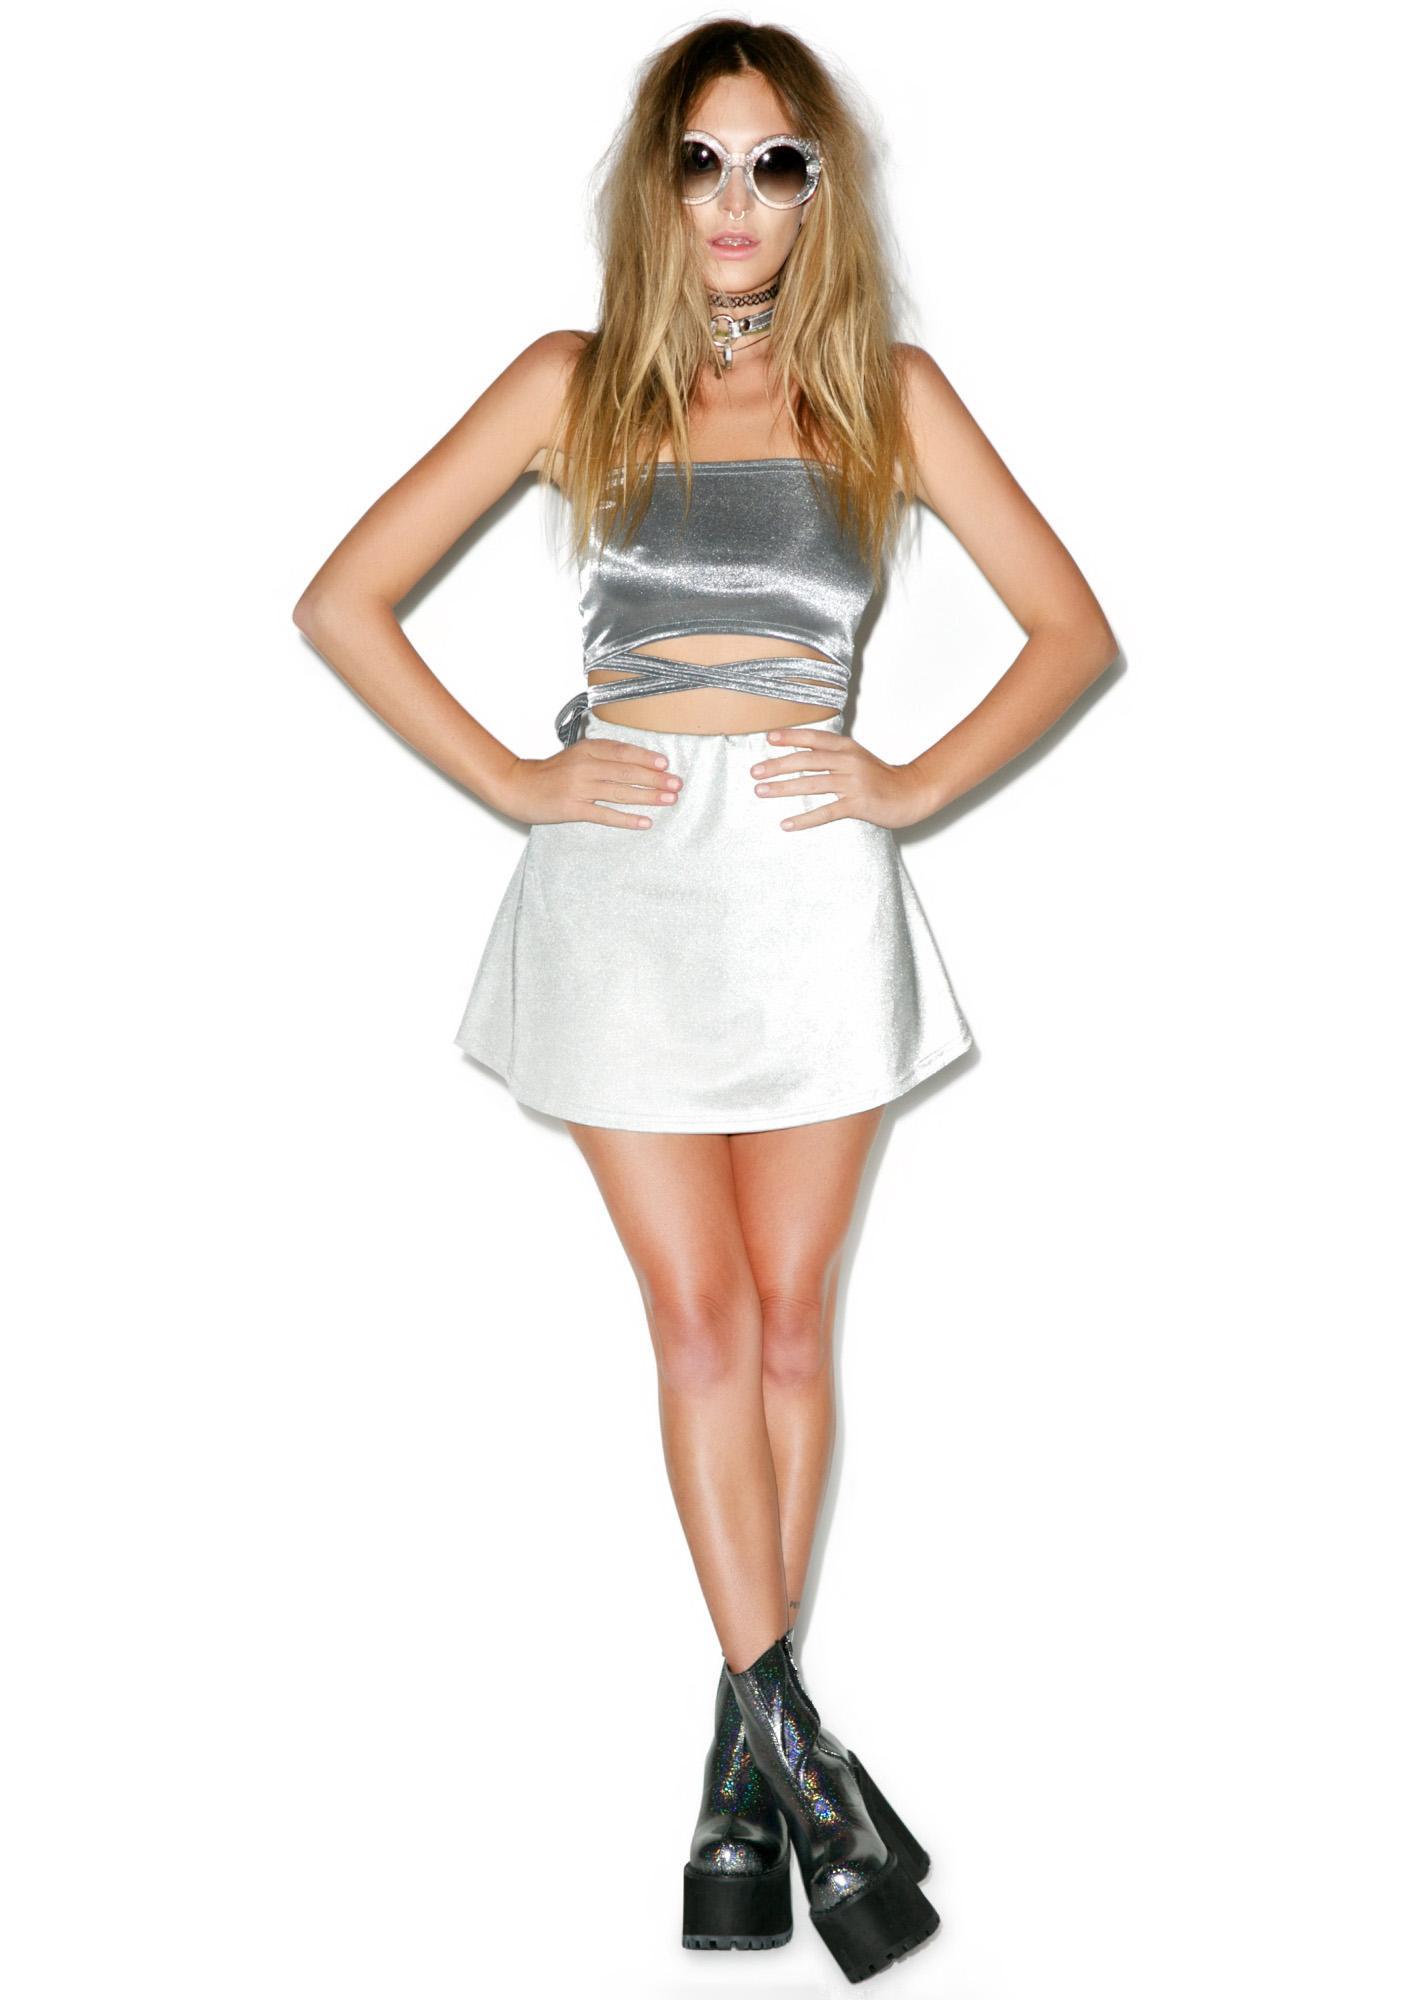 American Deadstock Techno Sport Skirt